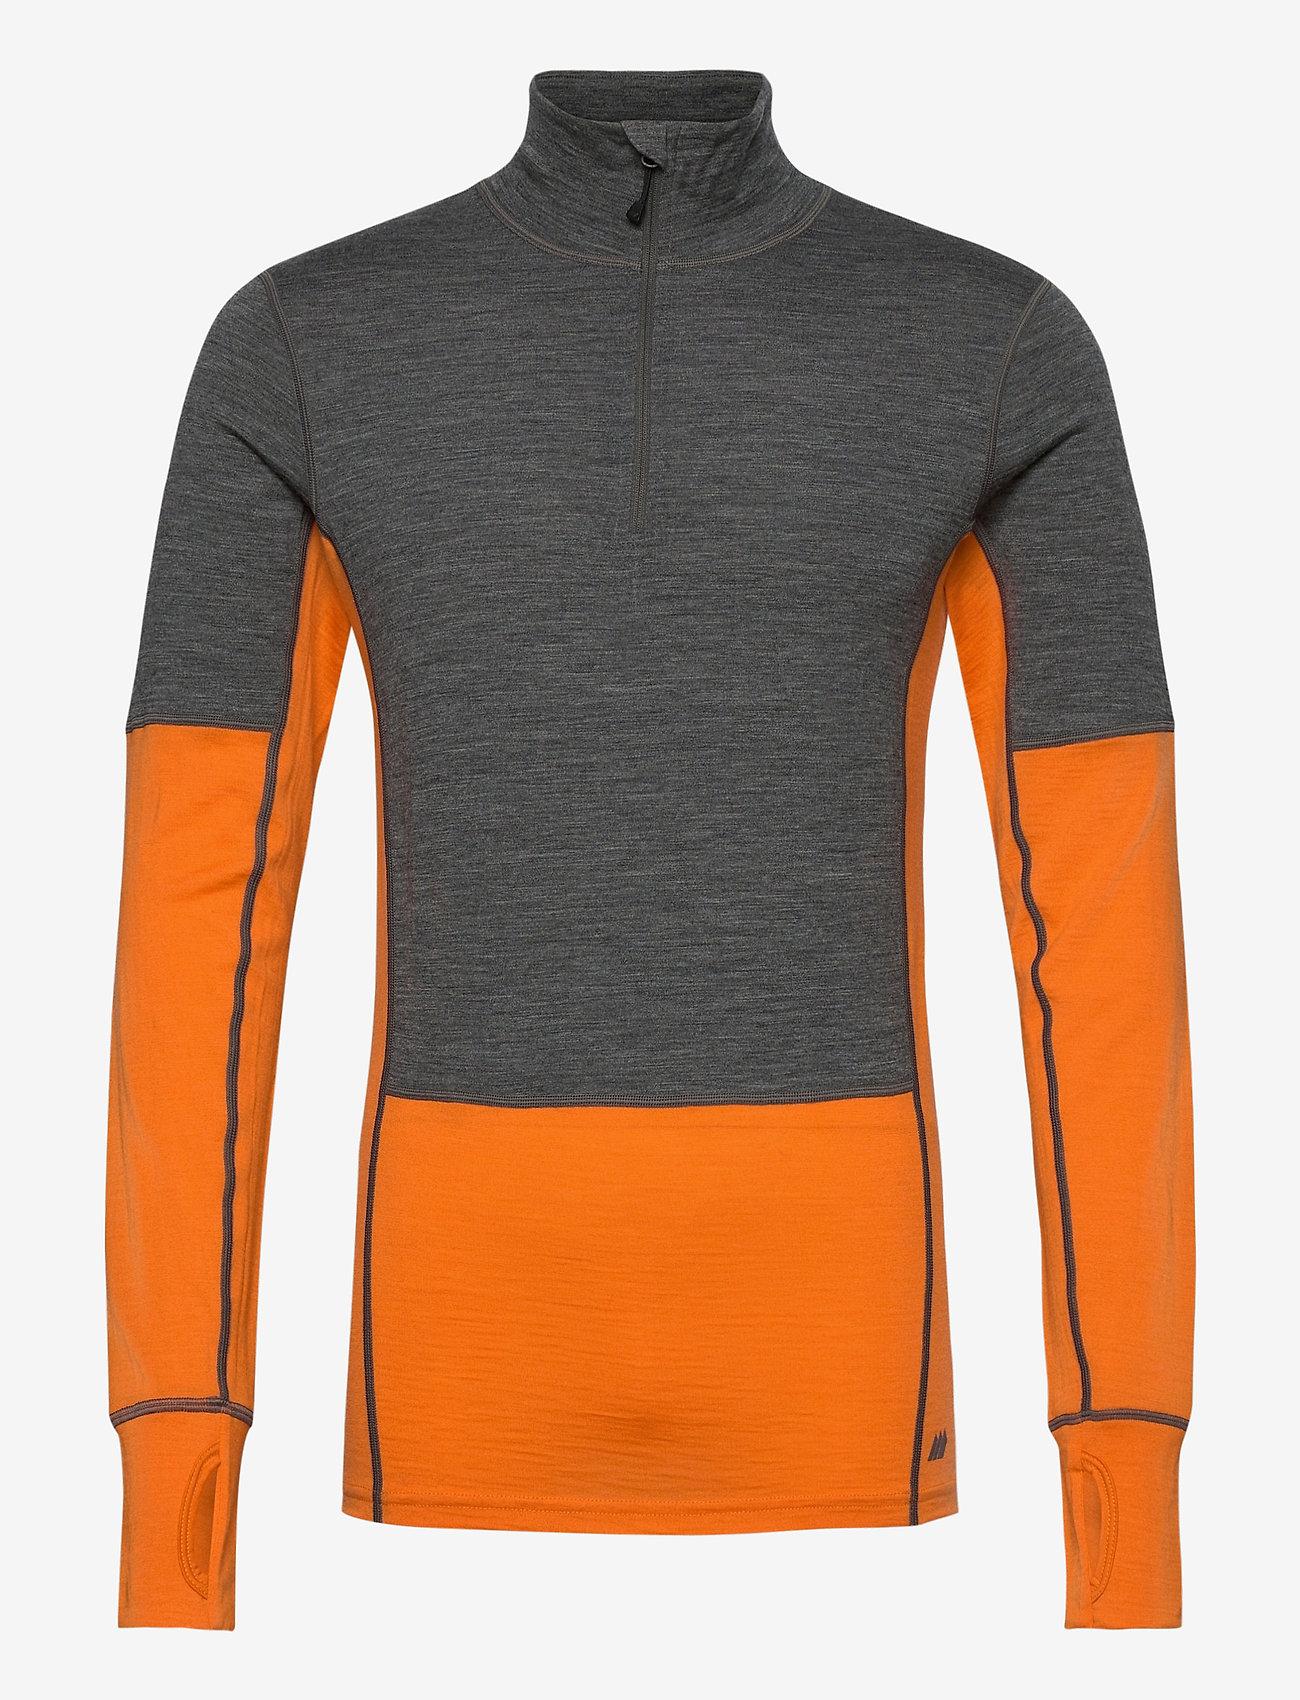 Skogstad - Røstene merino wool half-zip - funktionsunterwäsche - oberteile - jaffa orange - 0